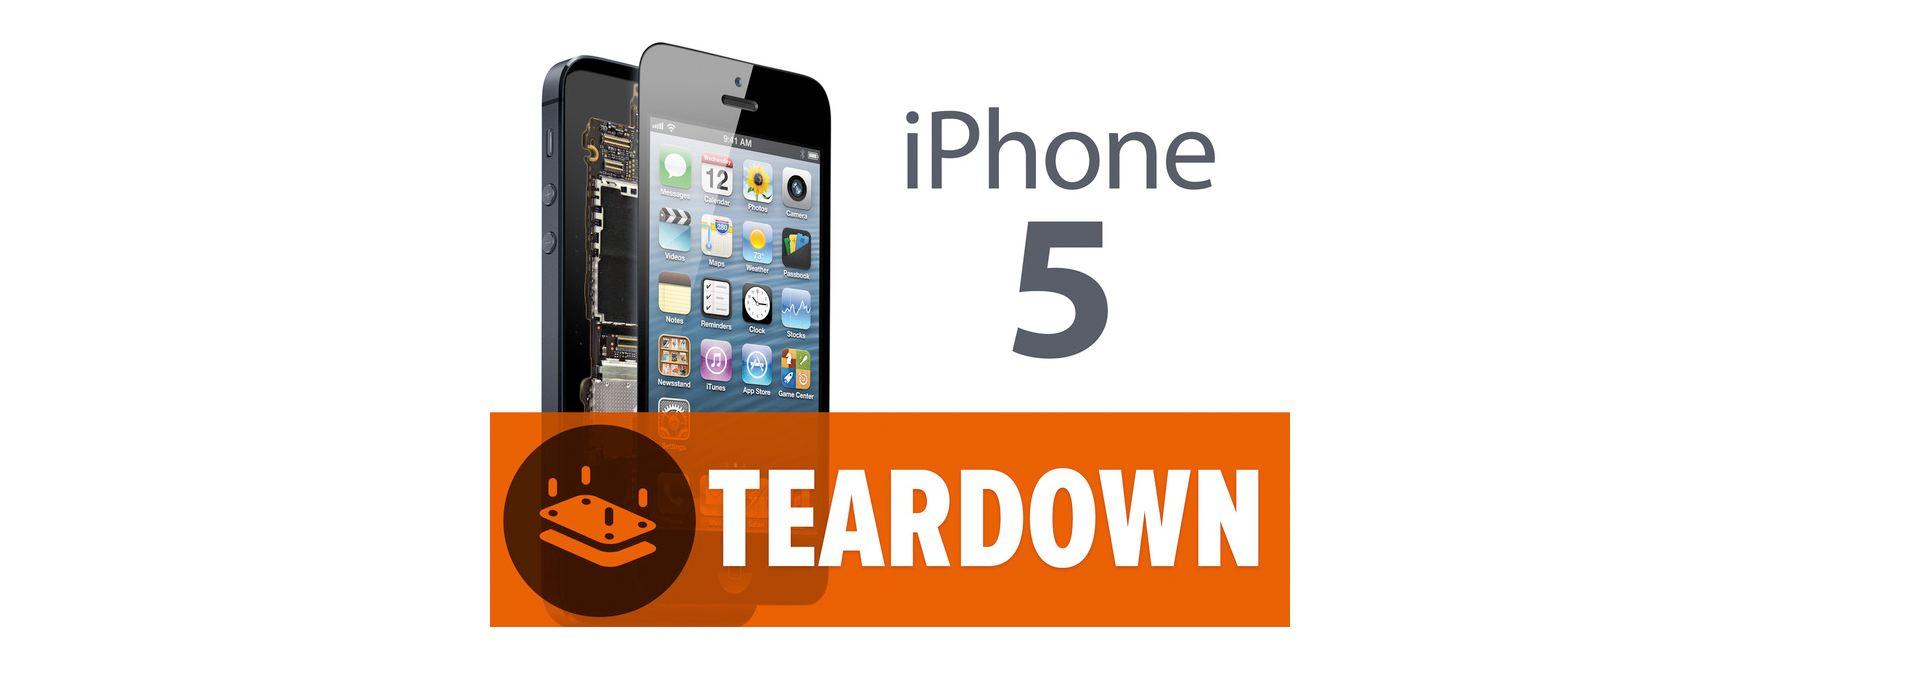 iFixit démonte l'iPhone 5 et donne une note de réparabilité